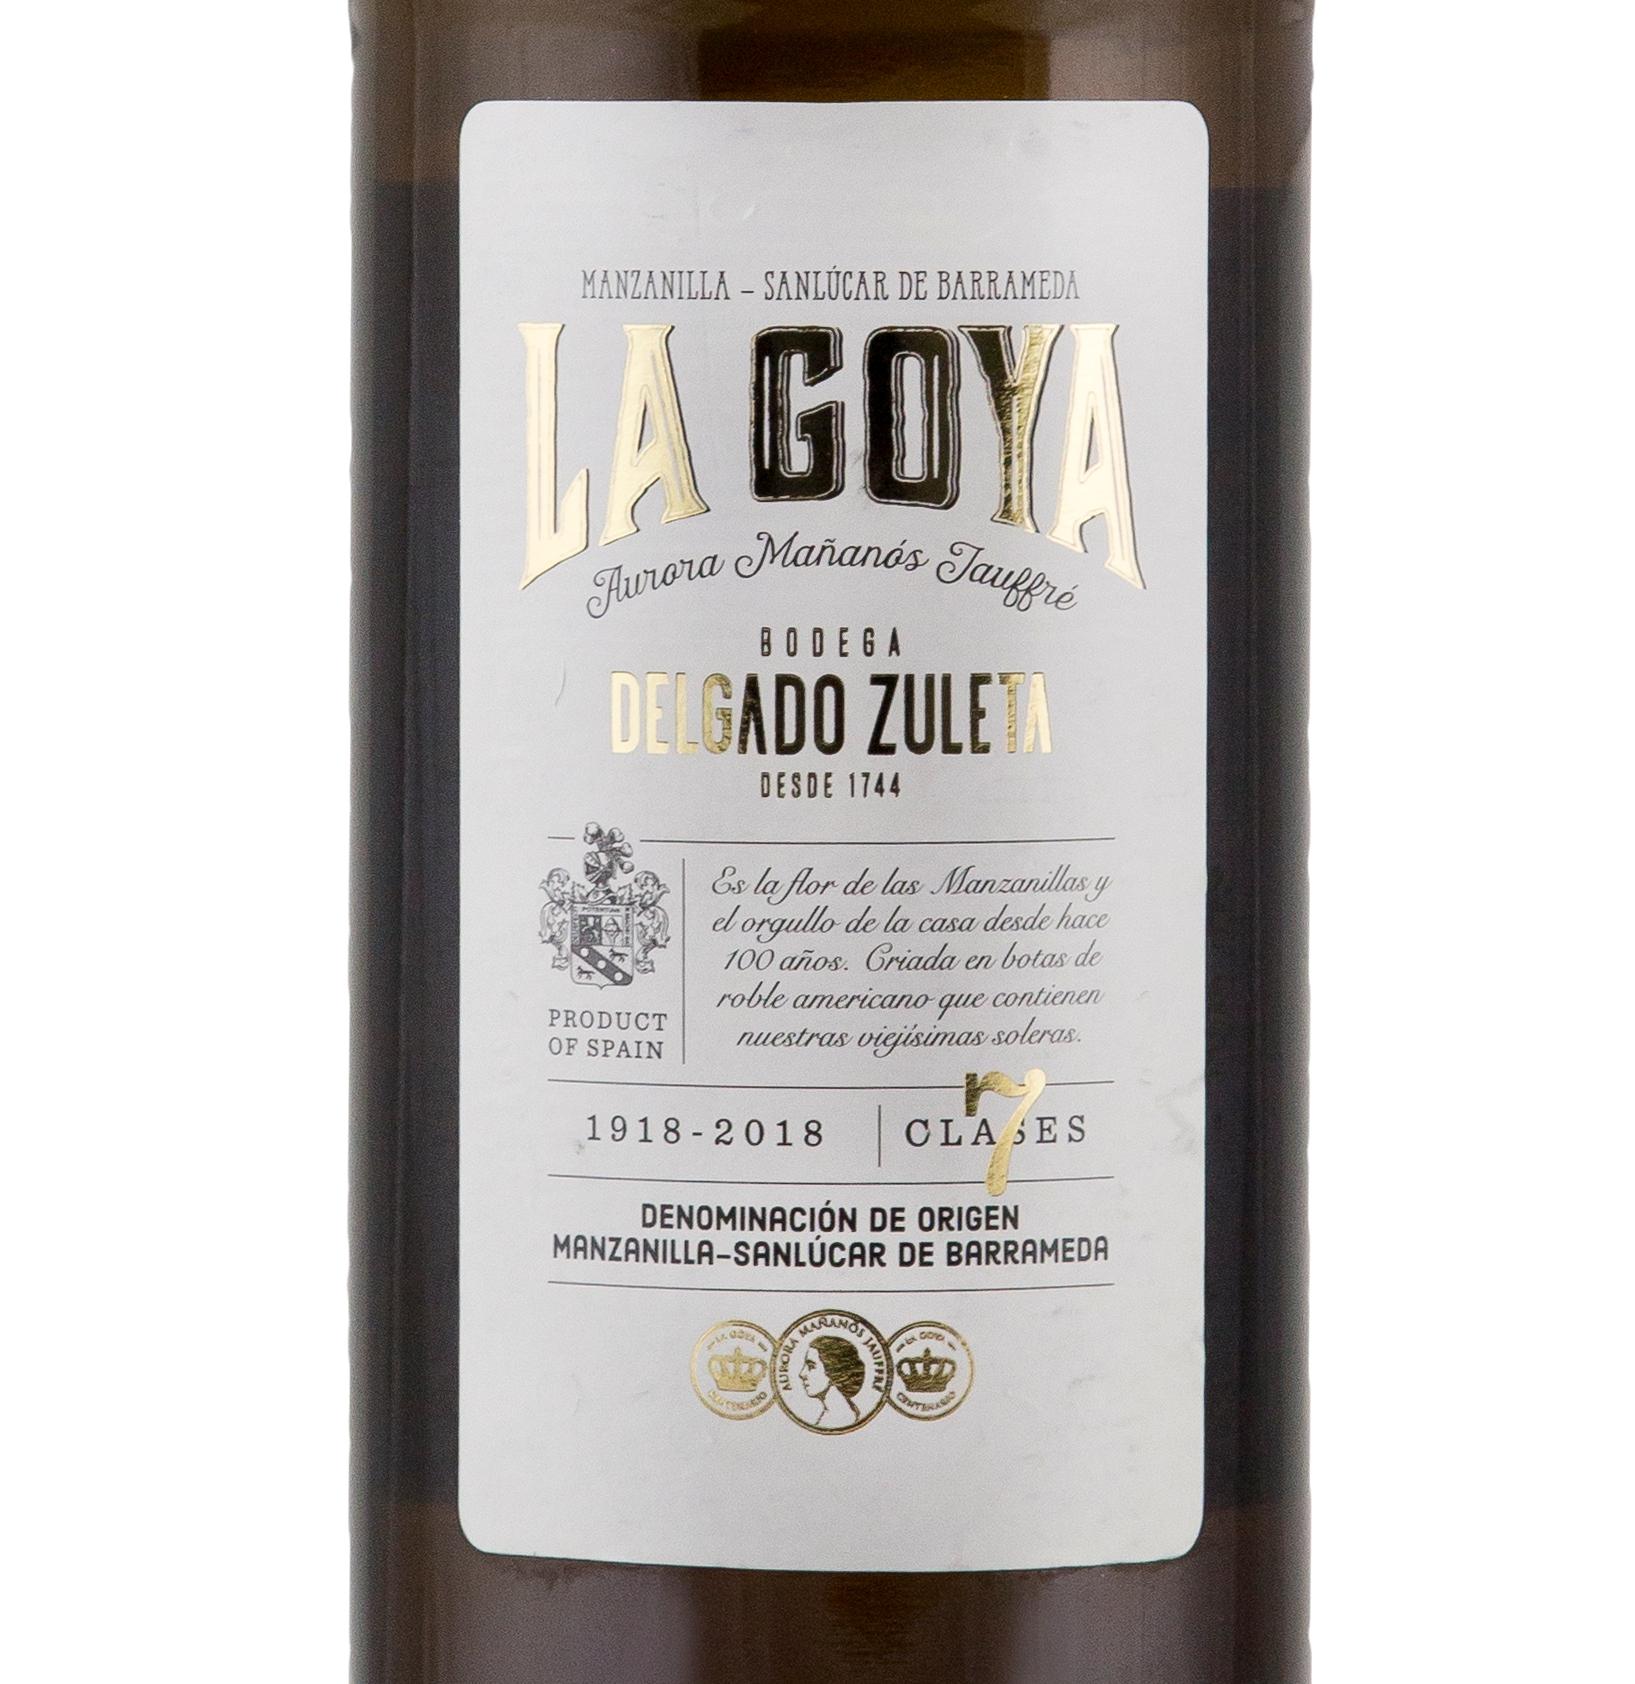 La Goya 2018 - 2